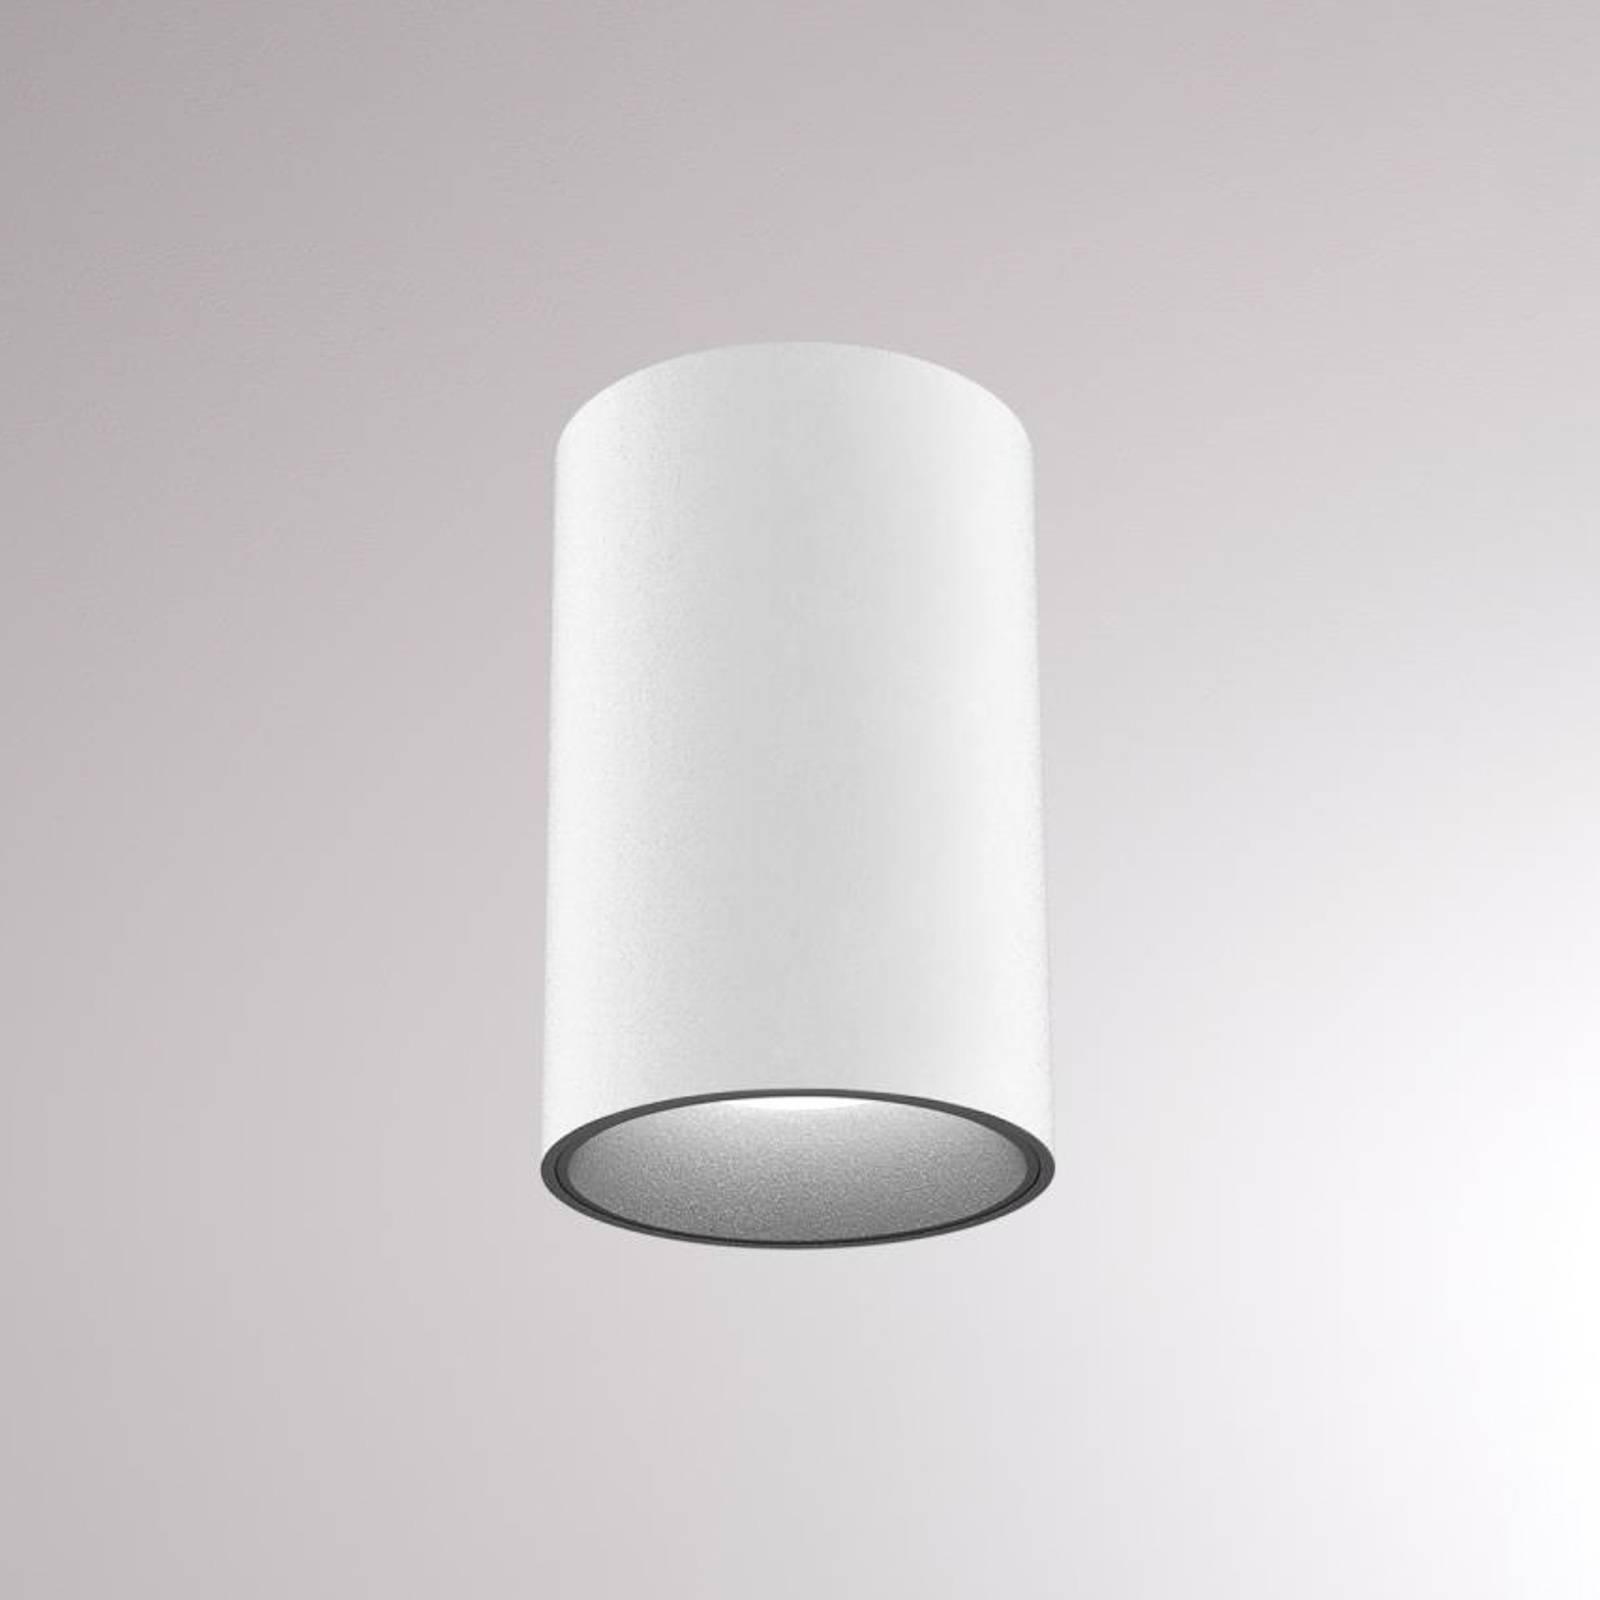 LOUM Atus Round LED-Deckenleuchte weiß